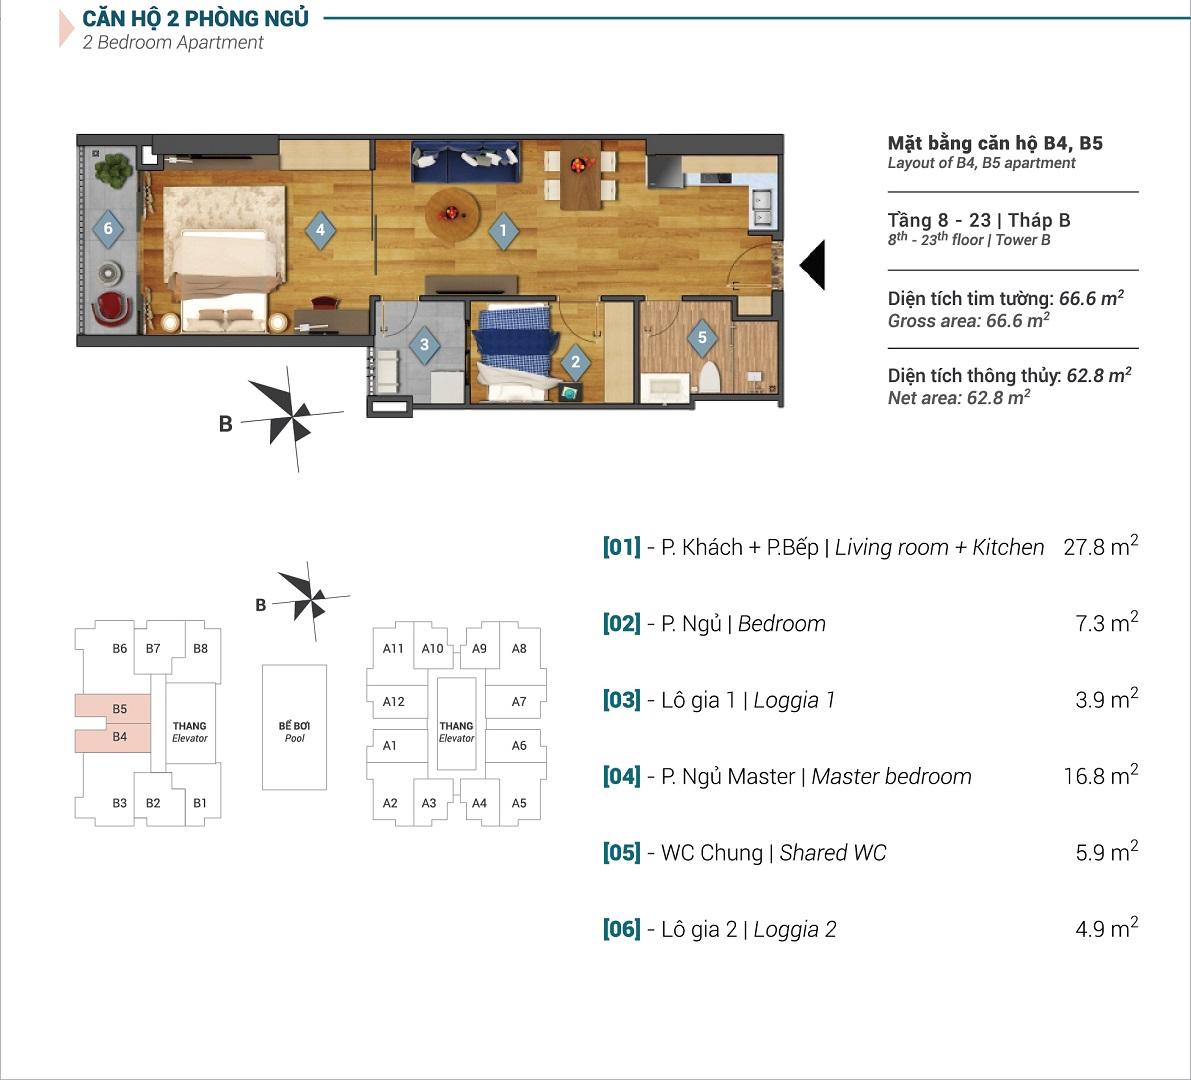 Mặt bằng căn hộ B4, B5 tòa B chung cư Sky Park Residence